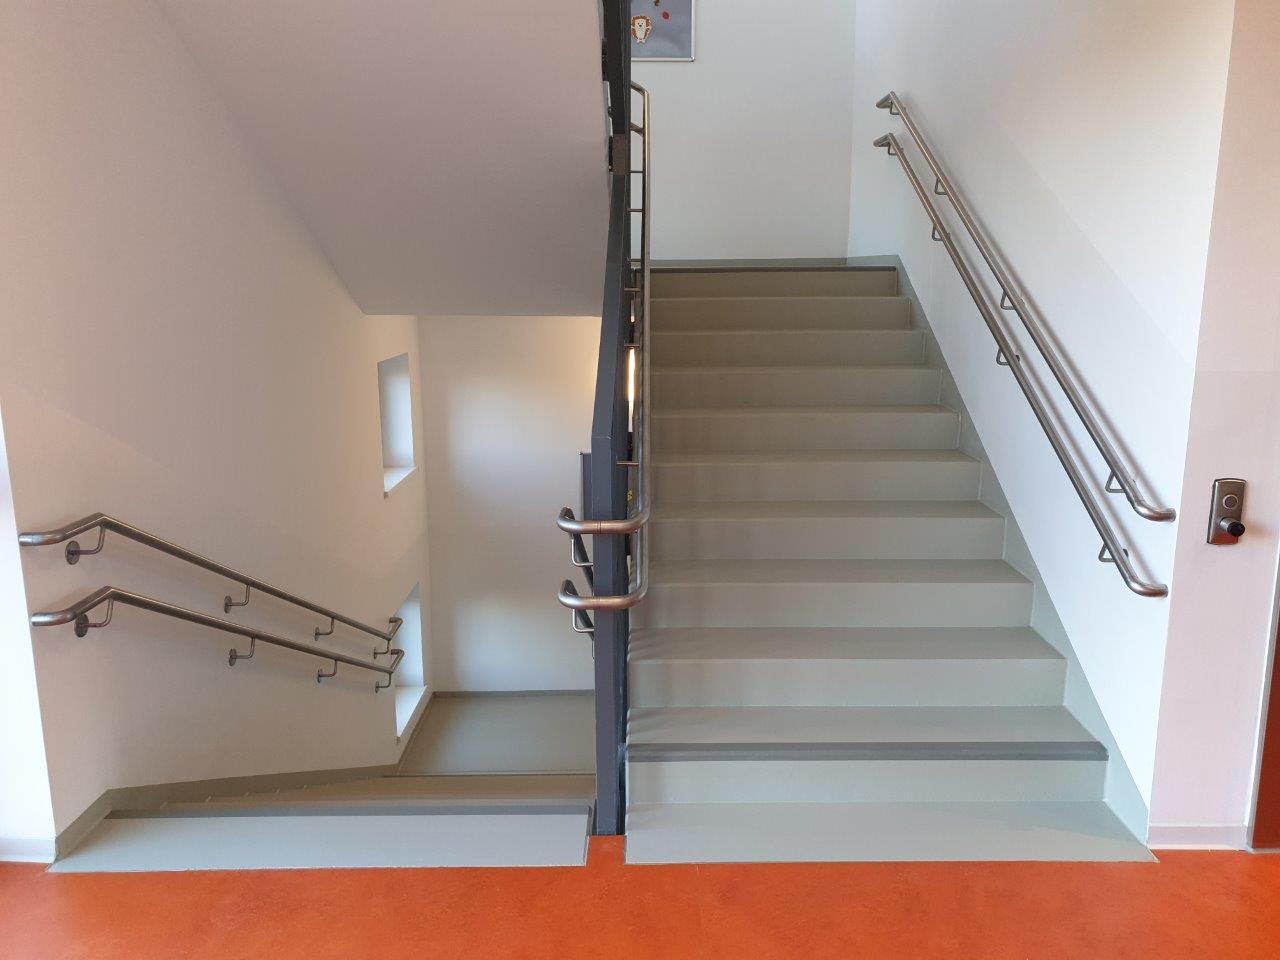 Geländer mit Handlauf der Innentreppe, 1. OG